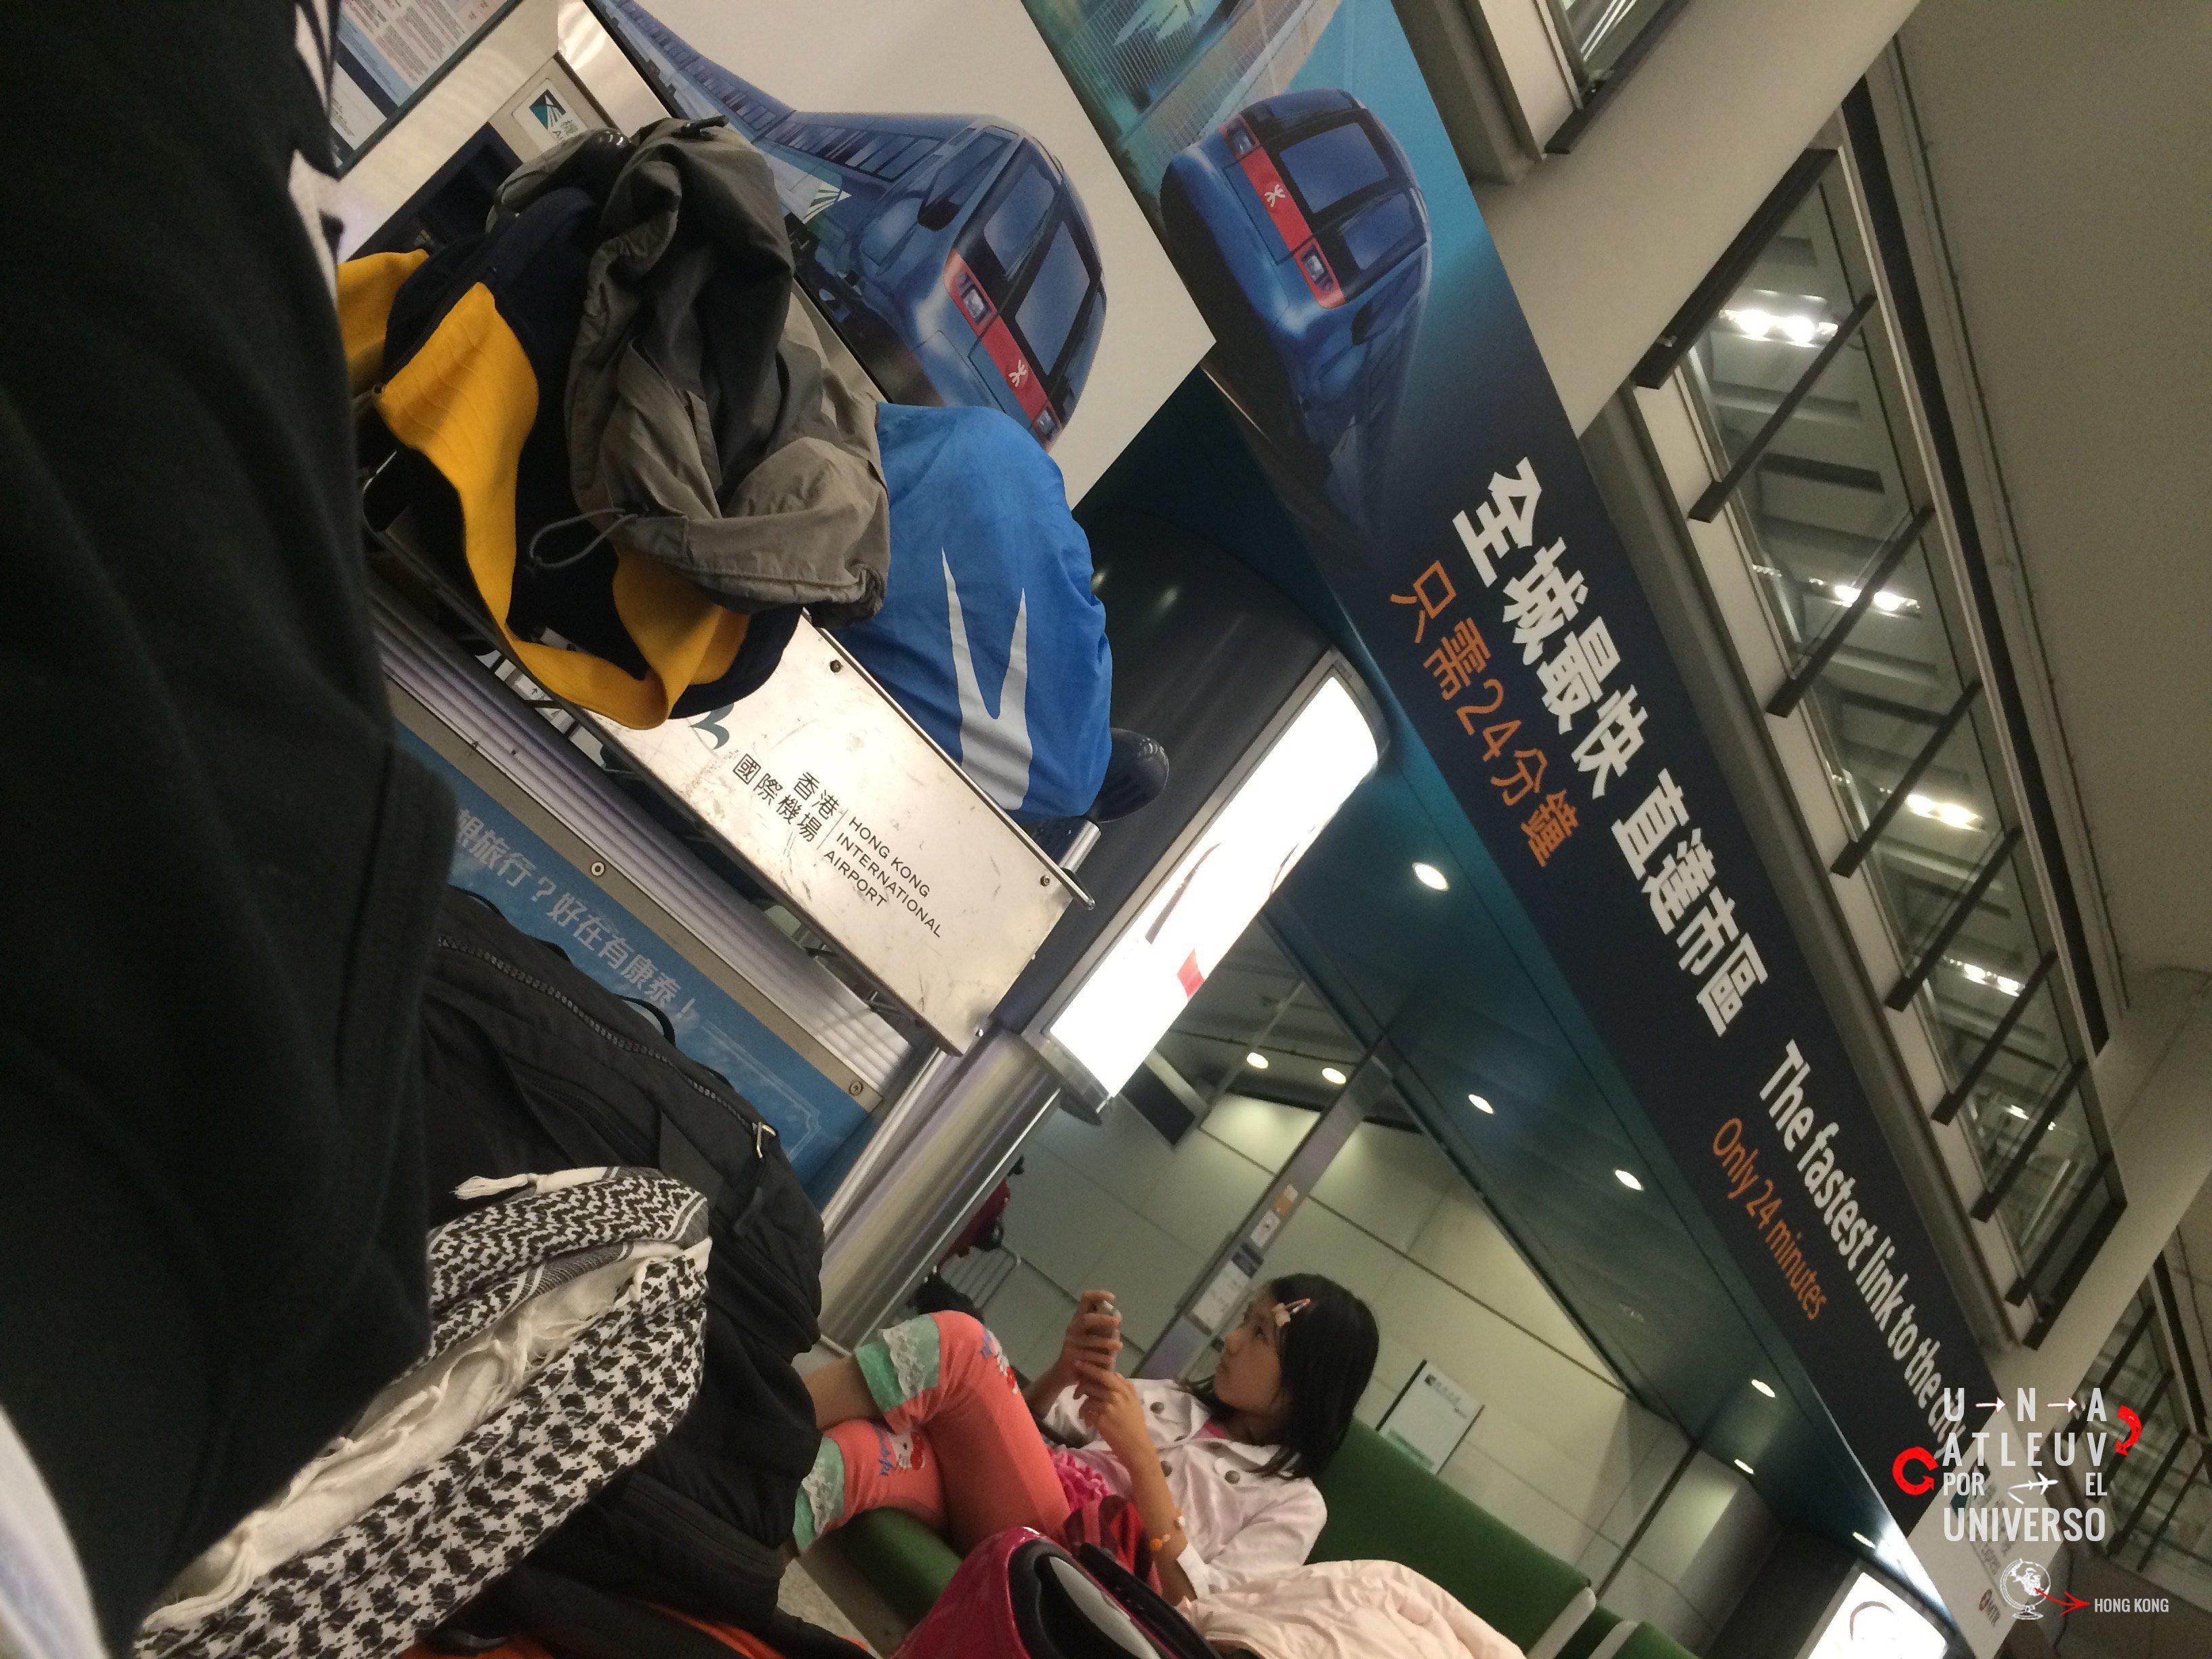 A Hong Kong llegúe de noche y, para ahorrar, dormí en el aeropuerto hasta que se hizo de día.